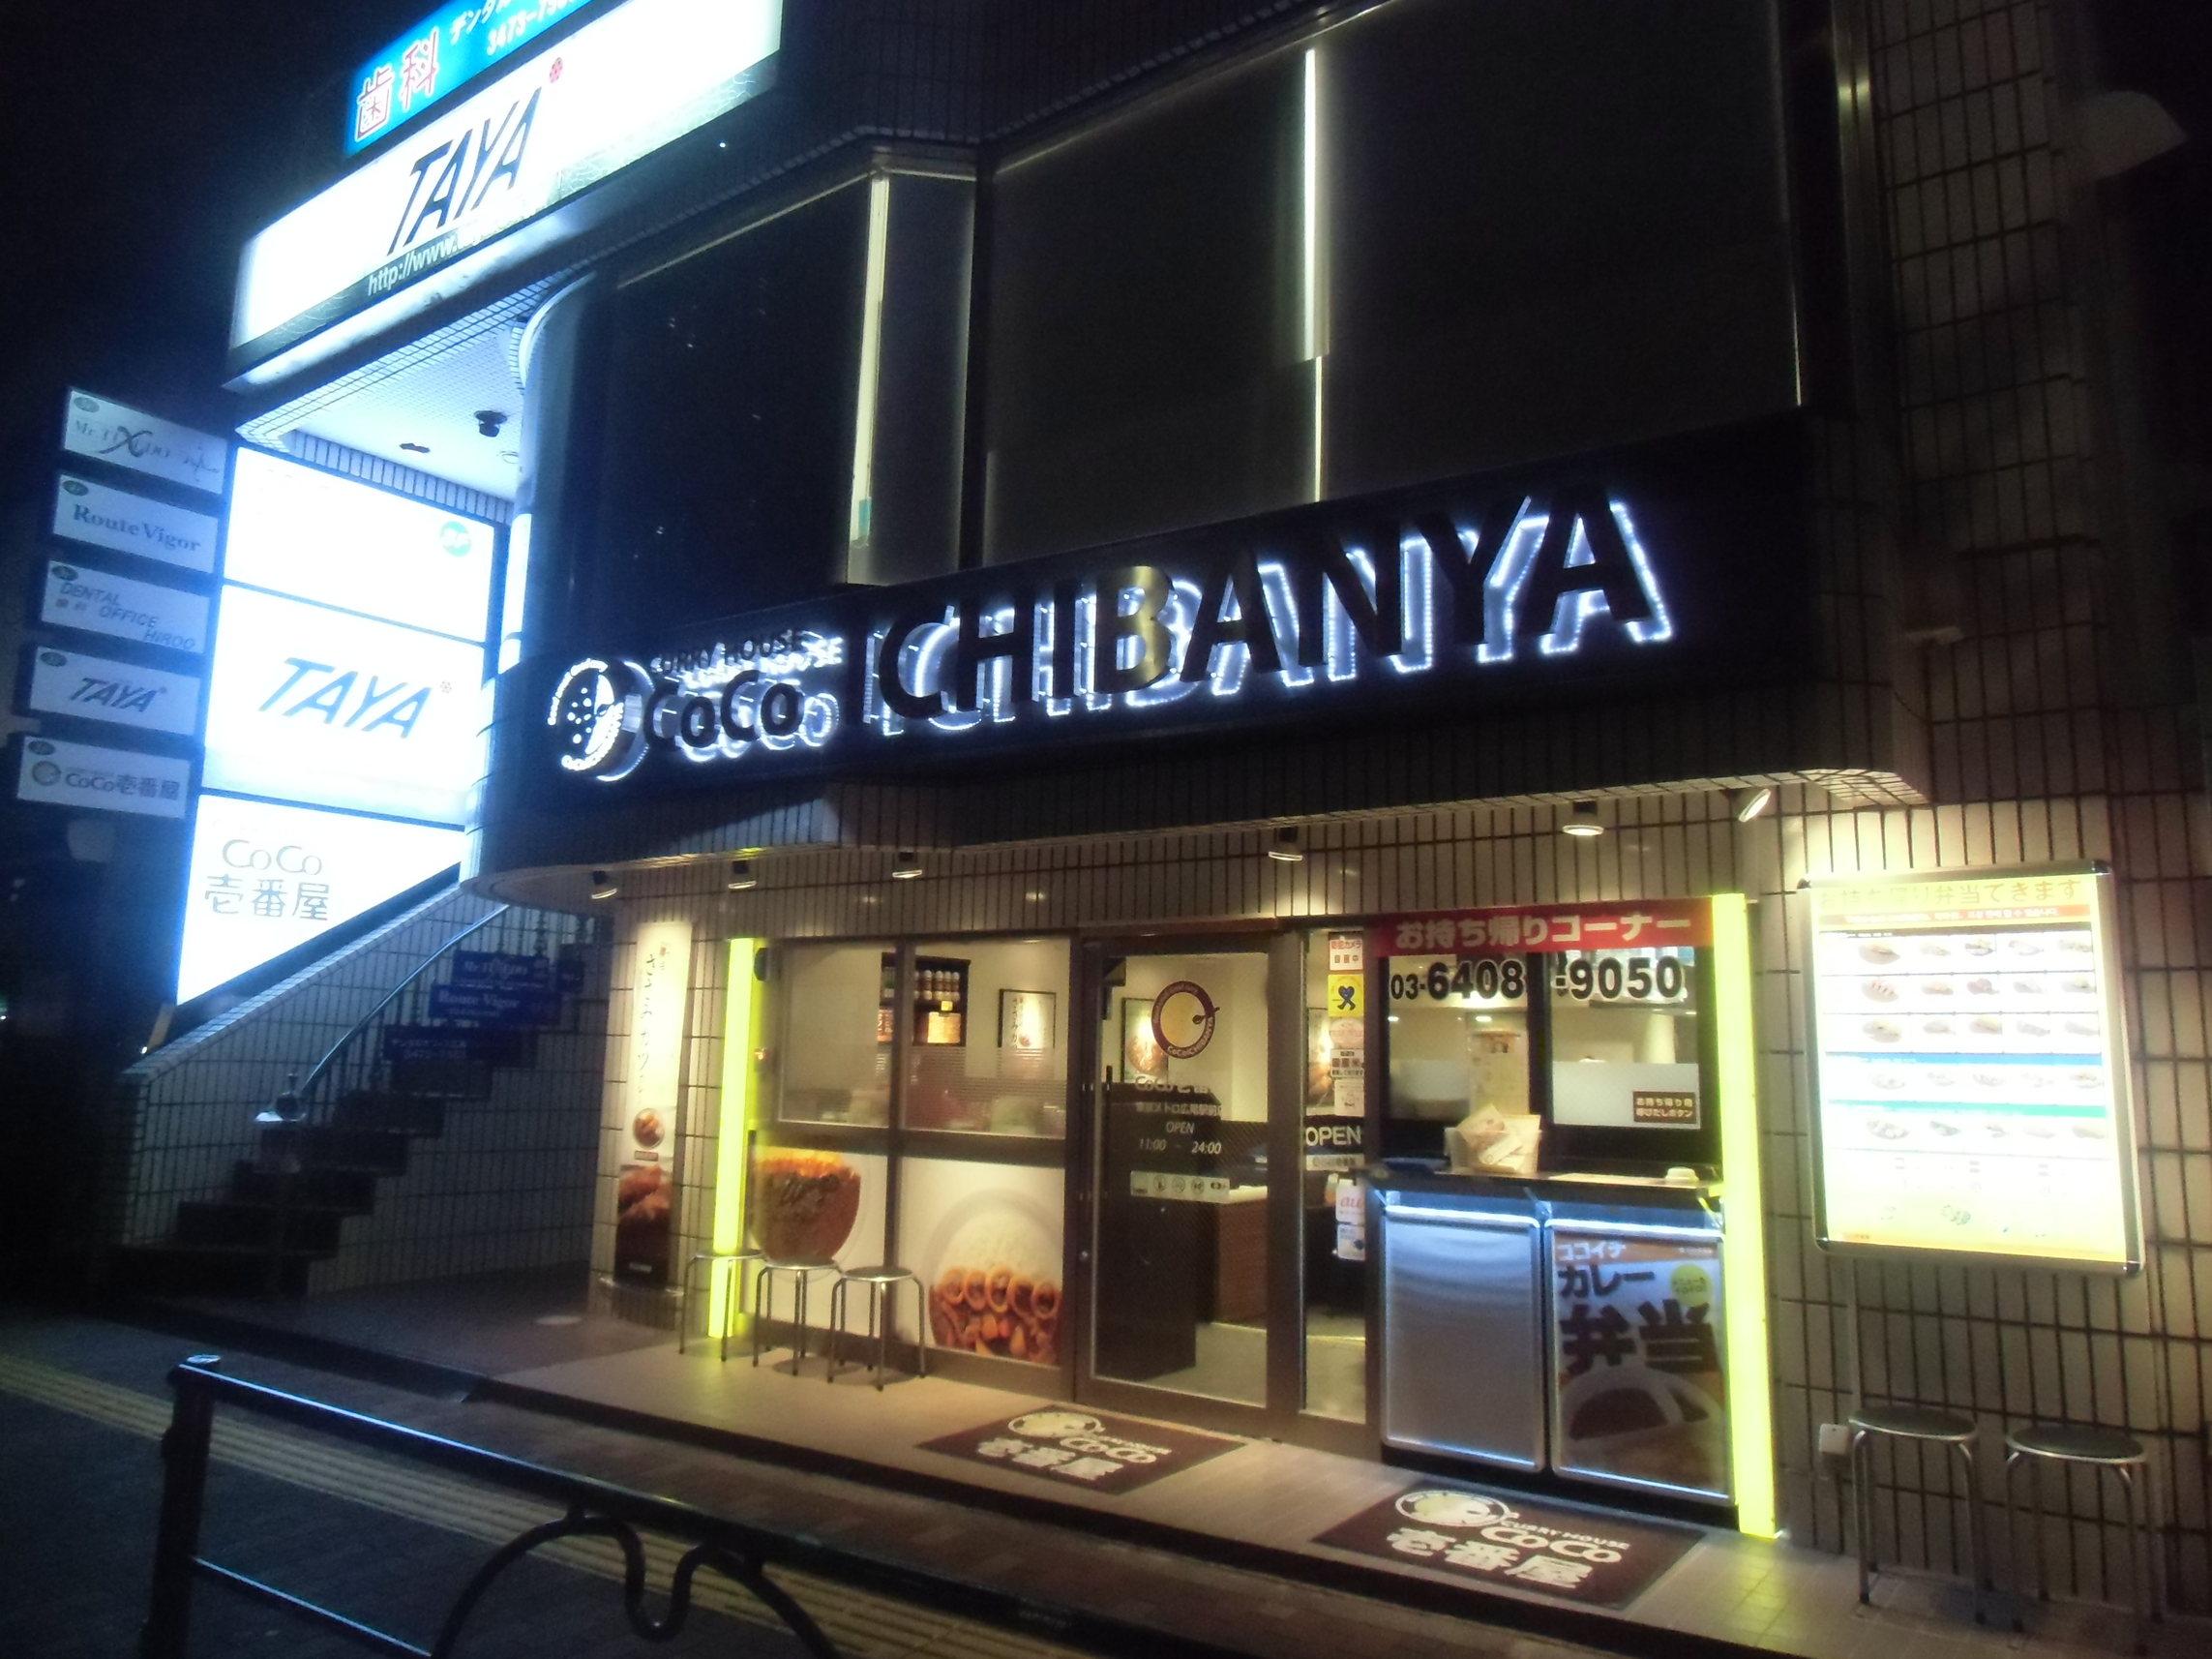 CoCo壱番屋 広尾駅前店